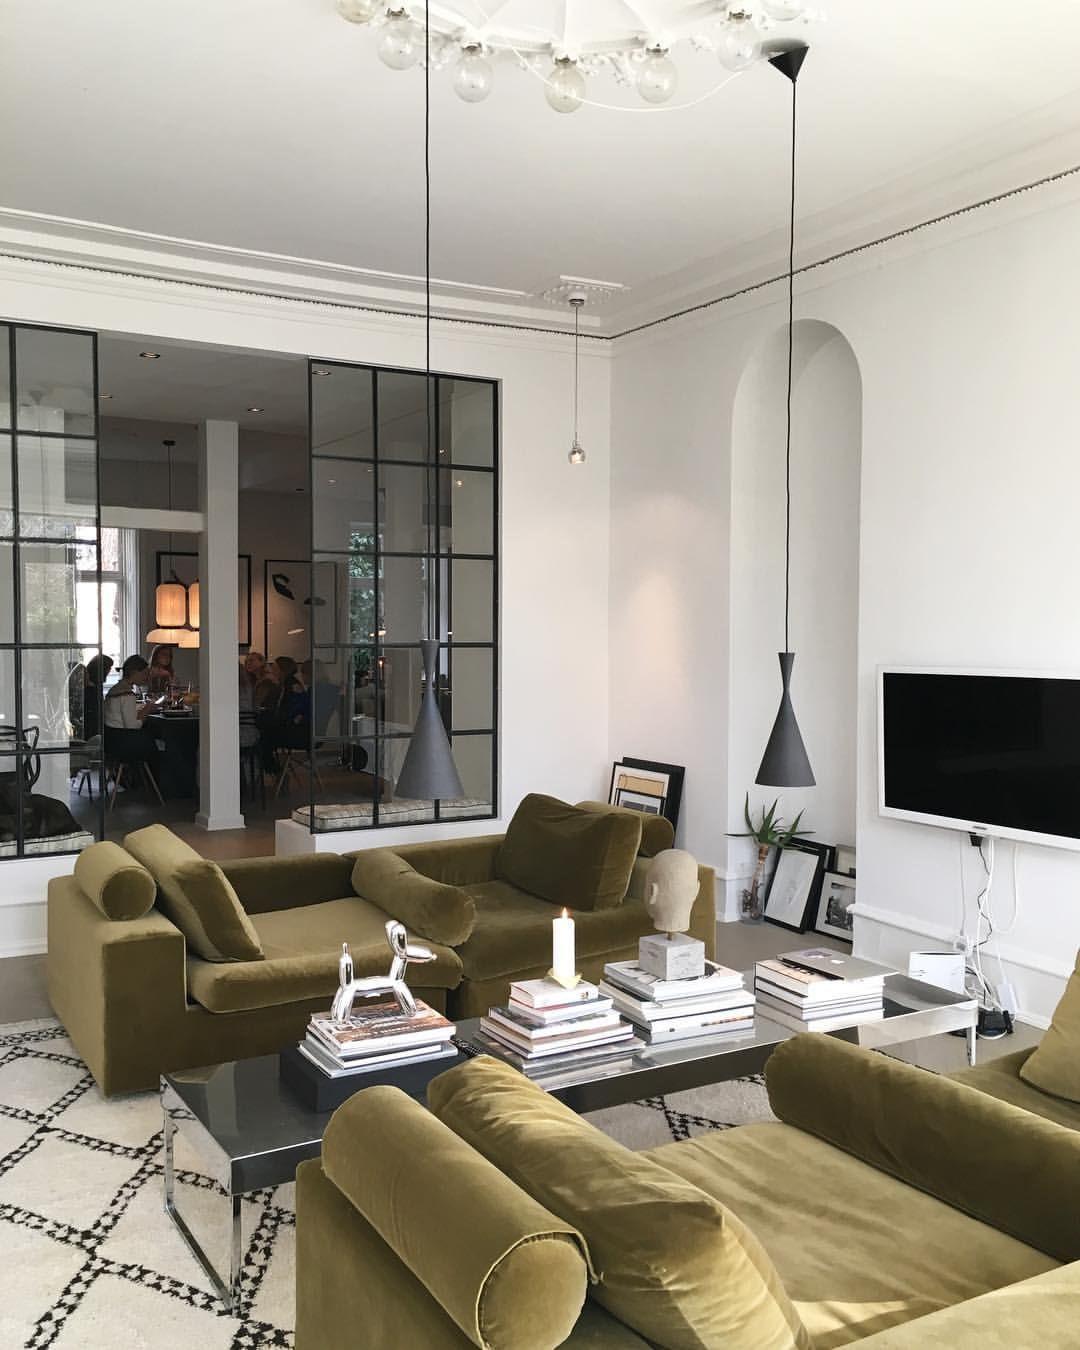 Elle dk on instagram  cnaja munthe har inviteret os ind  sit smukke private hjem og byder  overd dig brunch kollektionsfremvisning   also best luxury interior design group images in living room rh pinterest